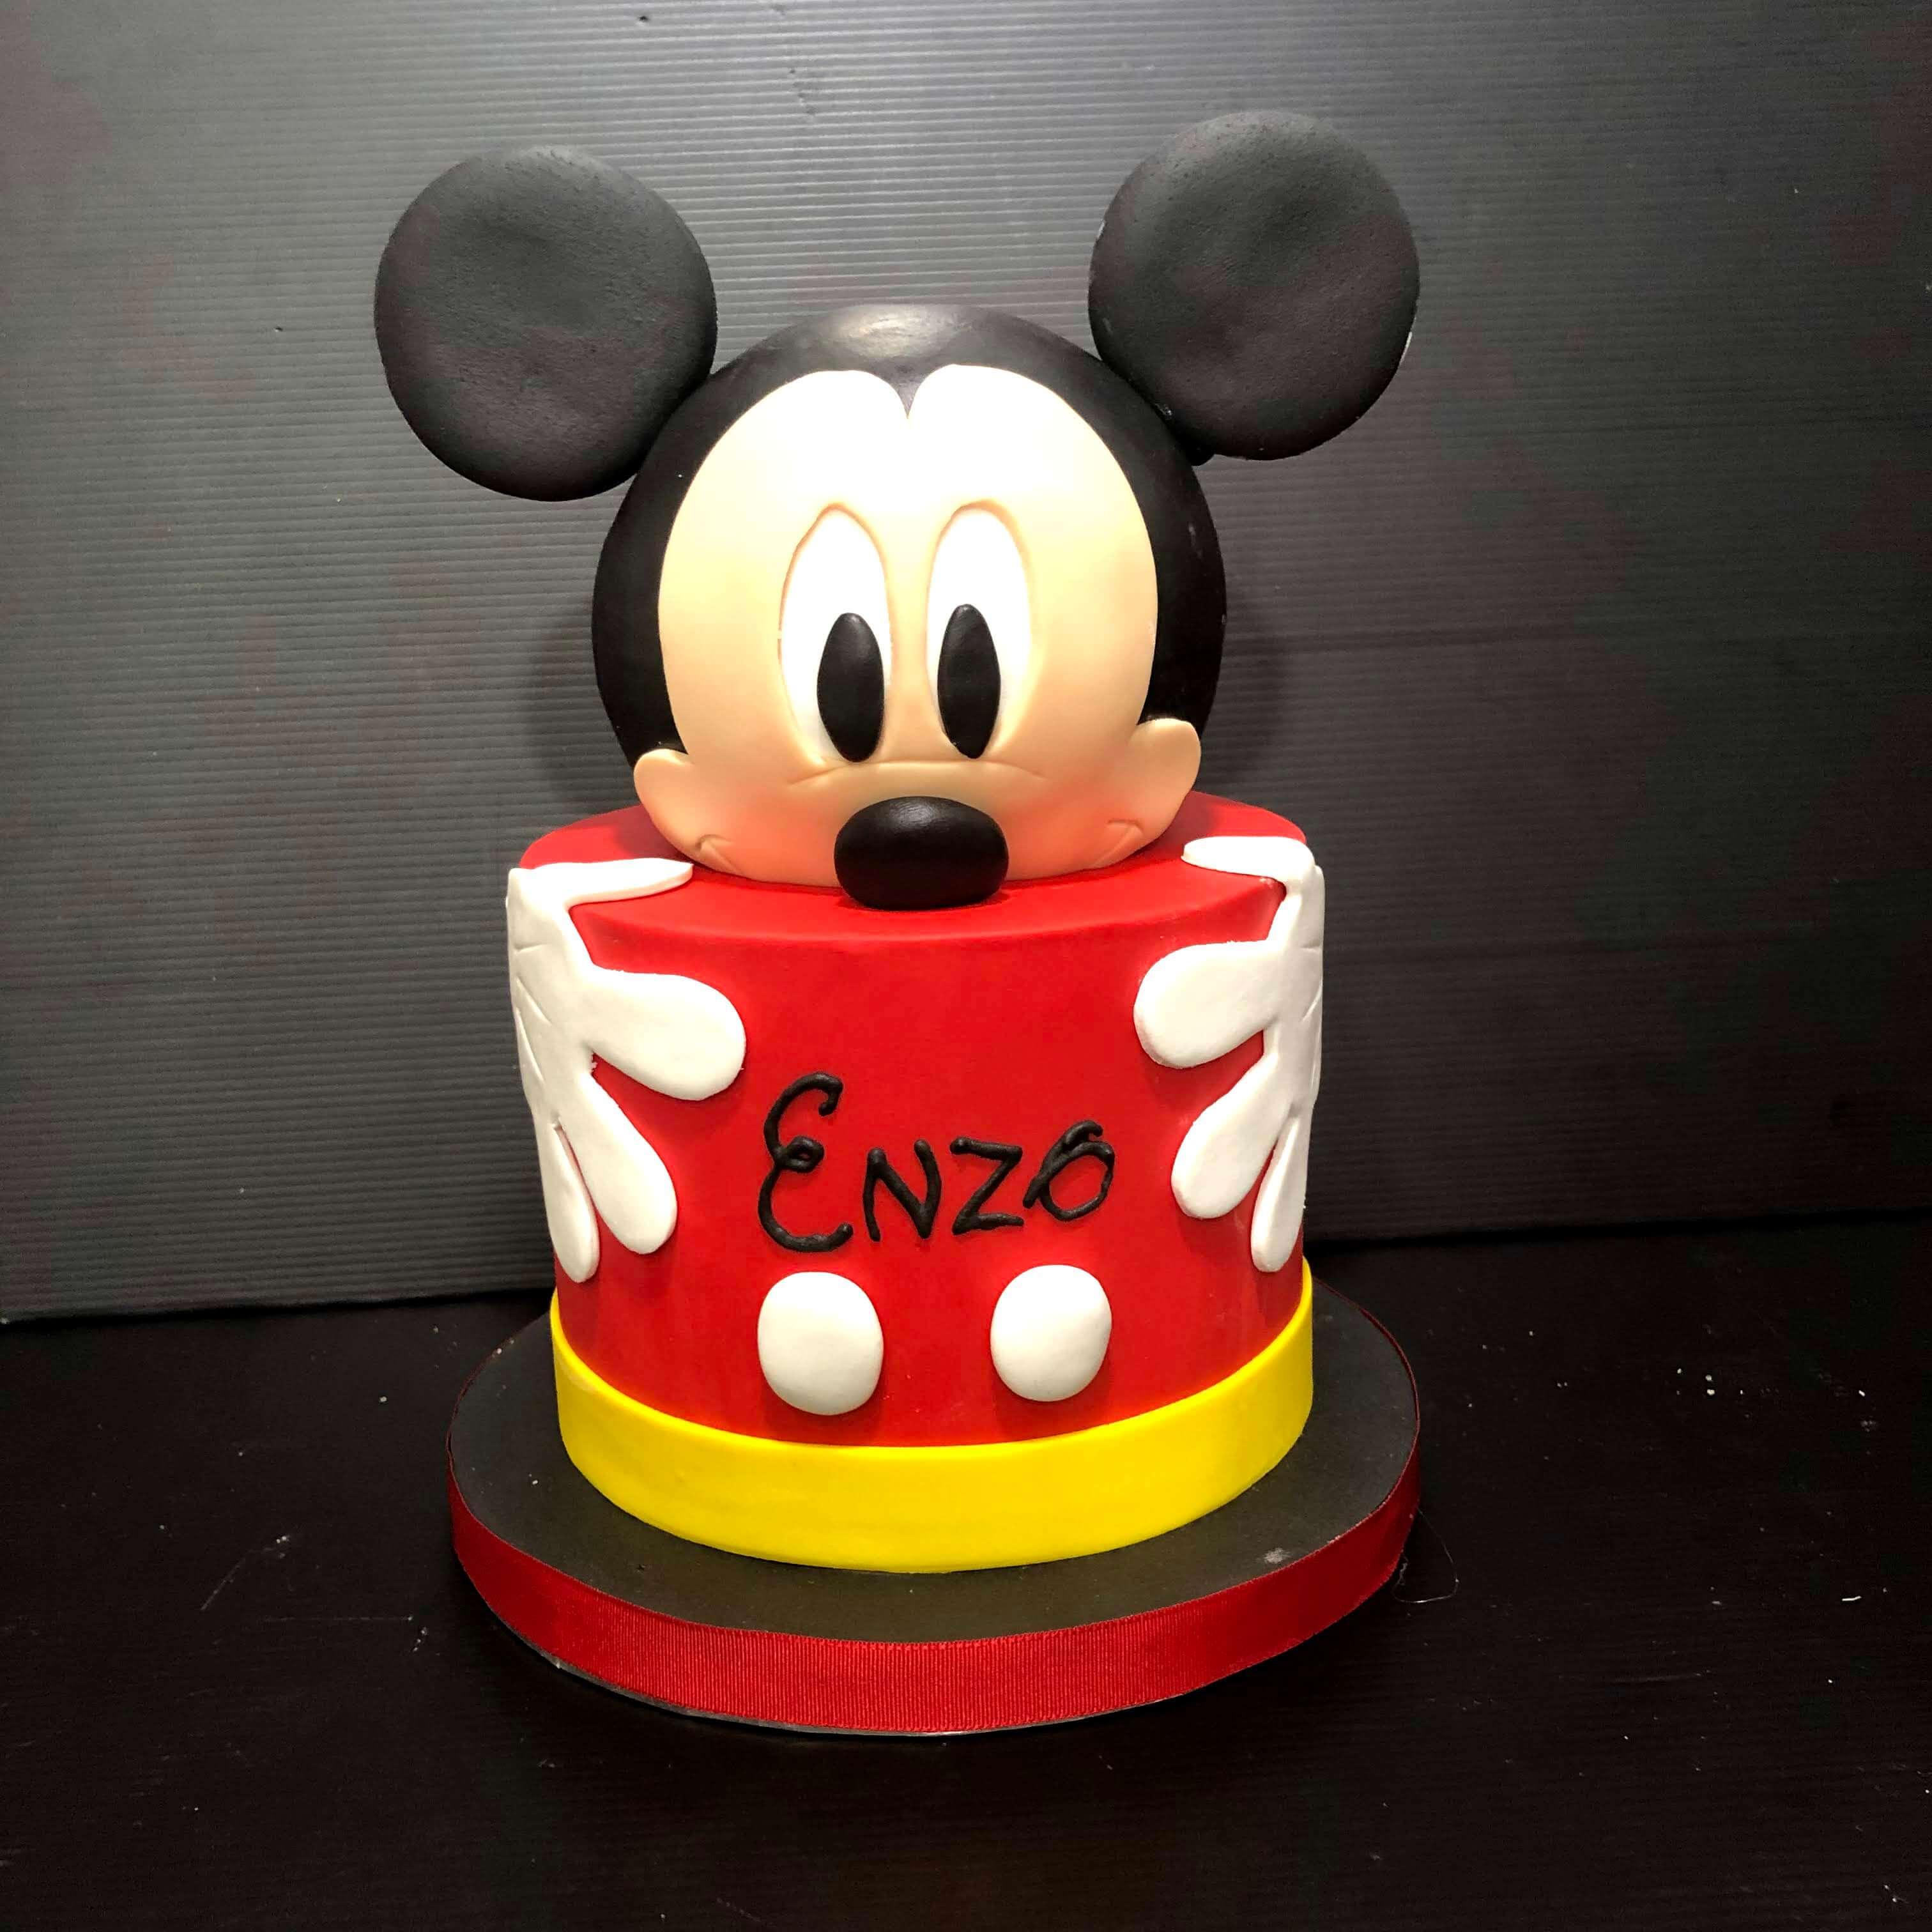 Tarta cumpleaños Mickey mousse personalizada Coruña